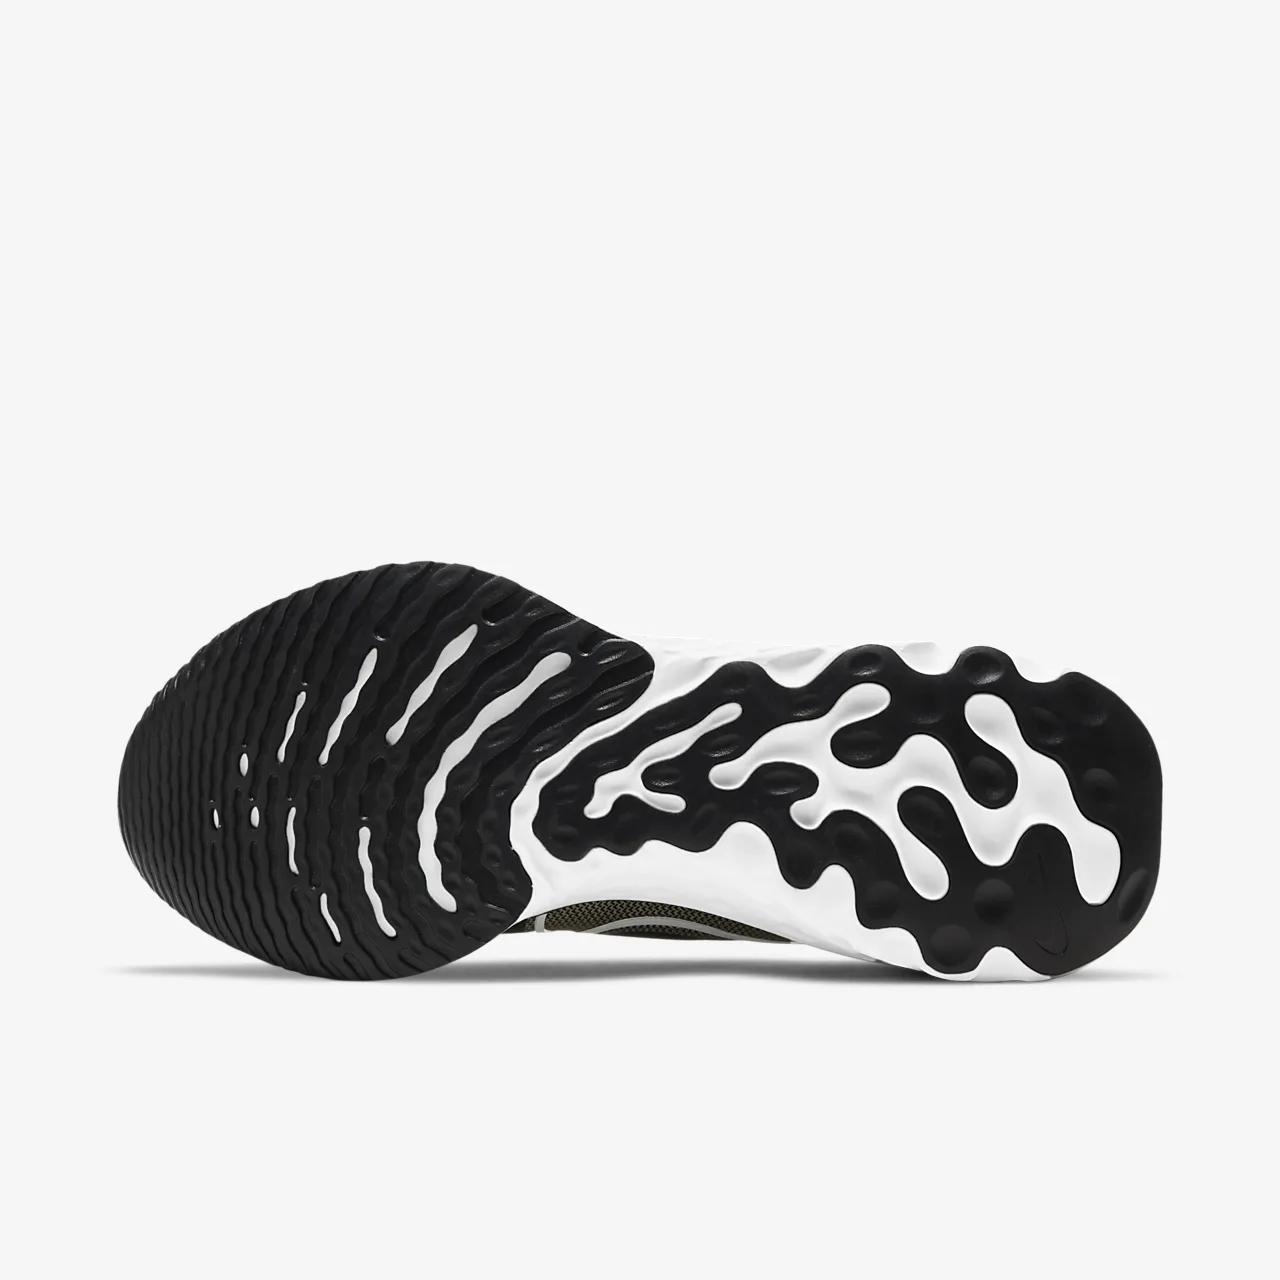 유럽직배송 나이키 NIKE Nike React Infinity Run Flyknit Premium Women's Running Shoe CZ2861-001